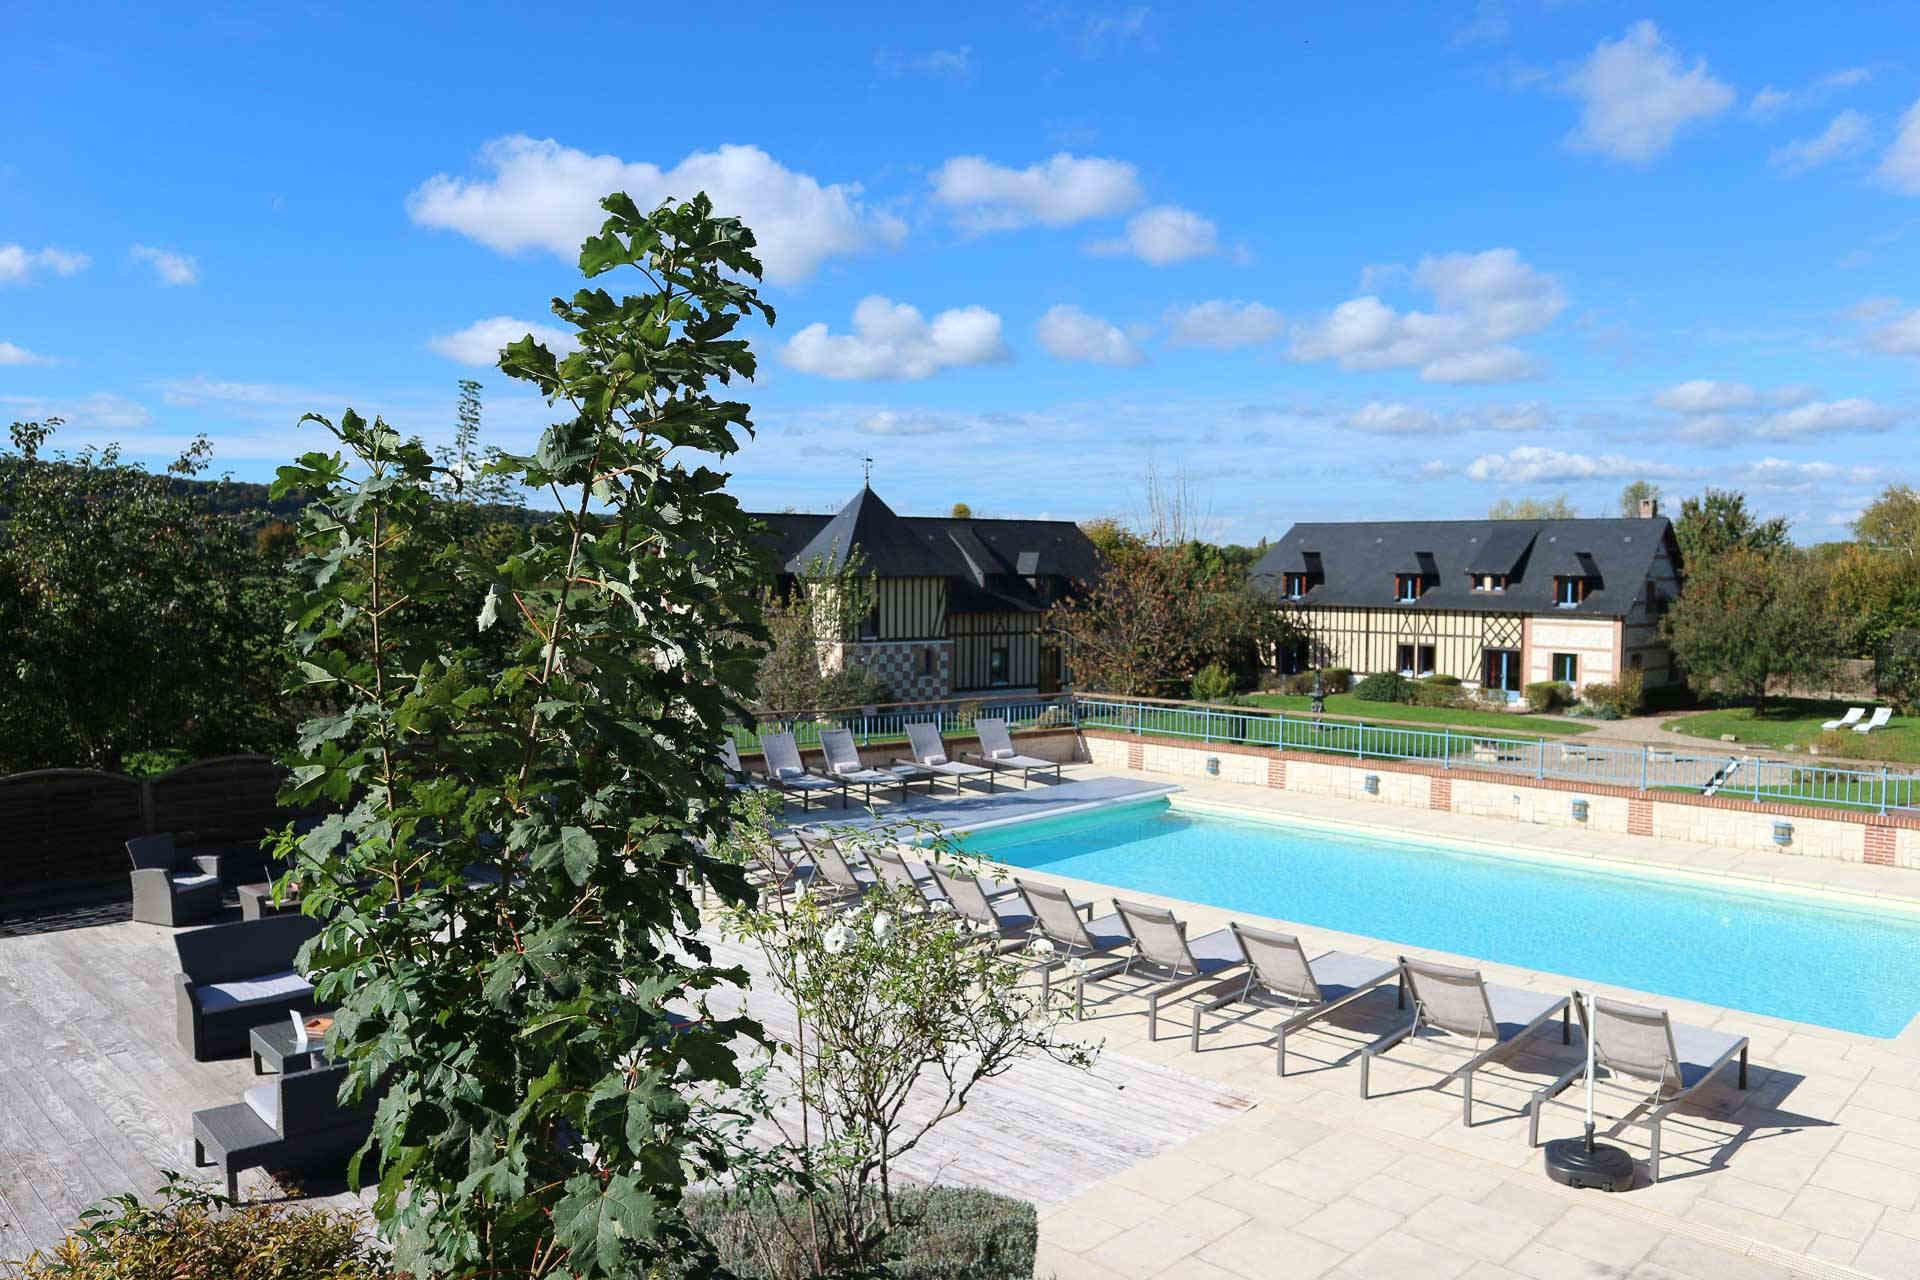 Le Clos Des Fontaines | Hotel Spa Normandie - Hotel Luxe ... encequiconcerne Hotel Avec Piscine Normandie